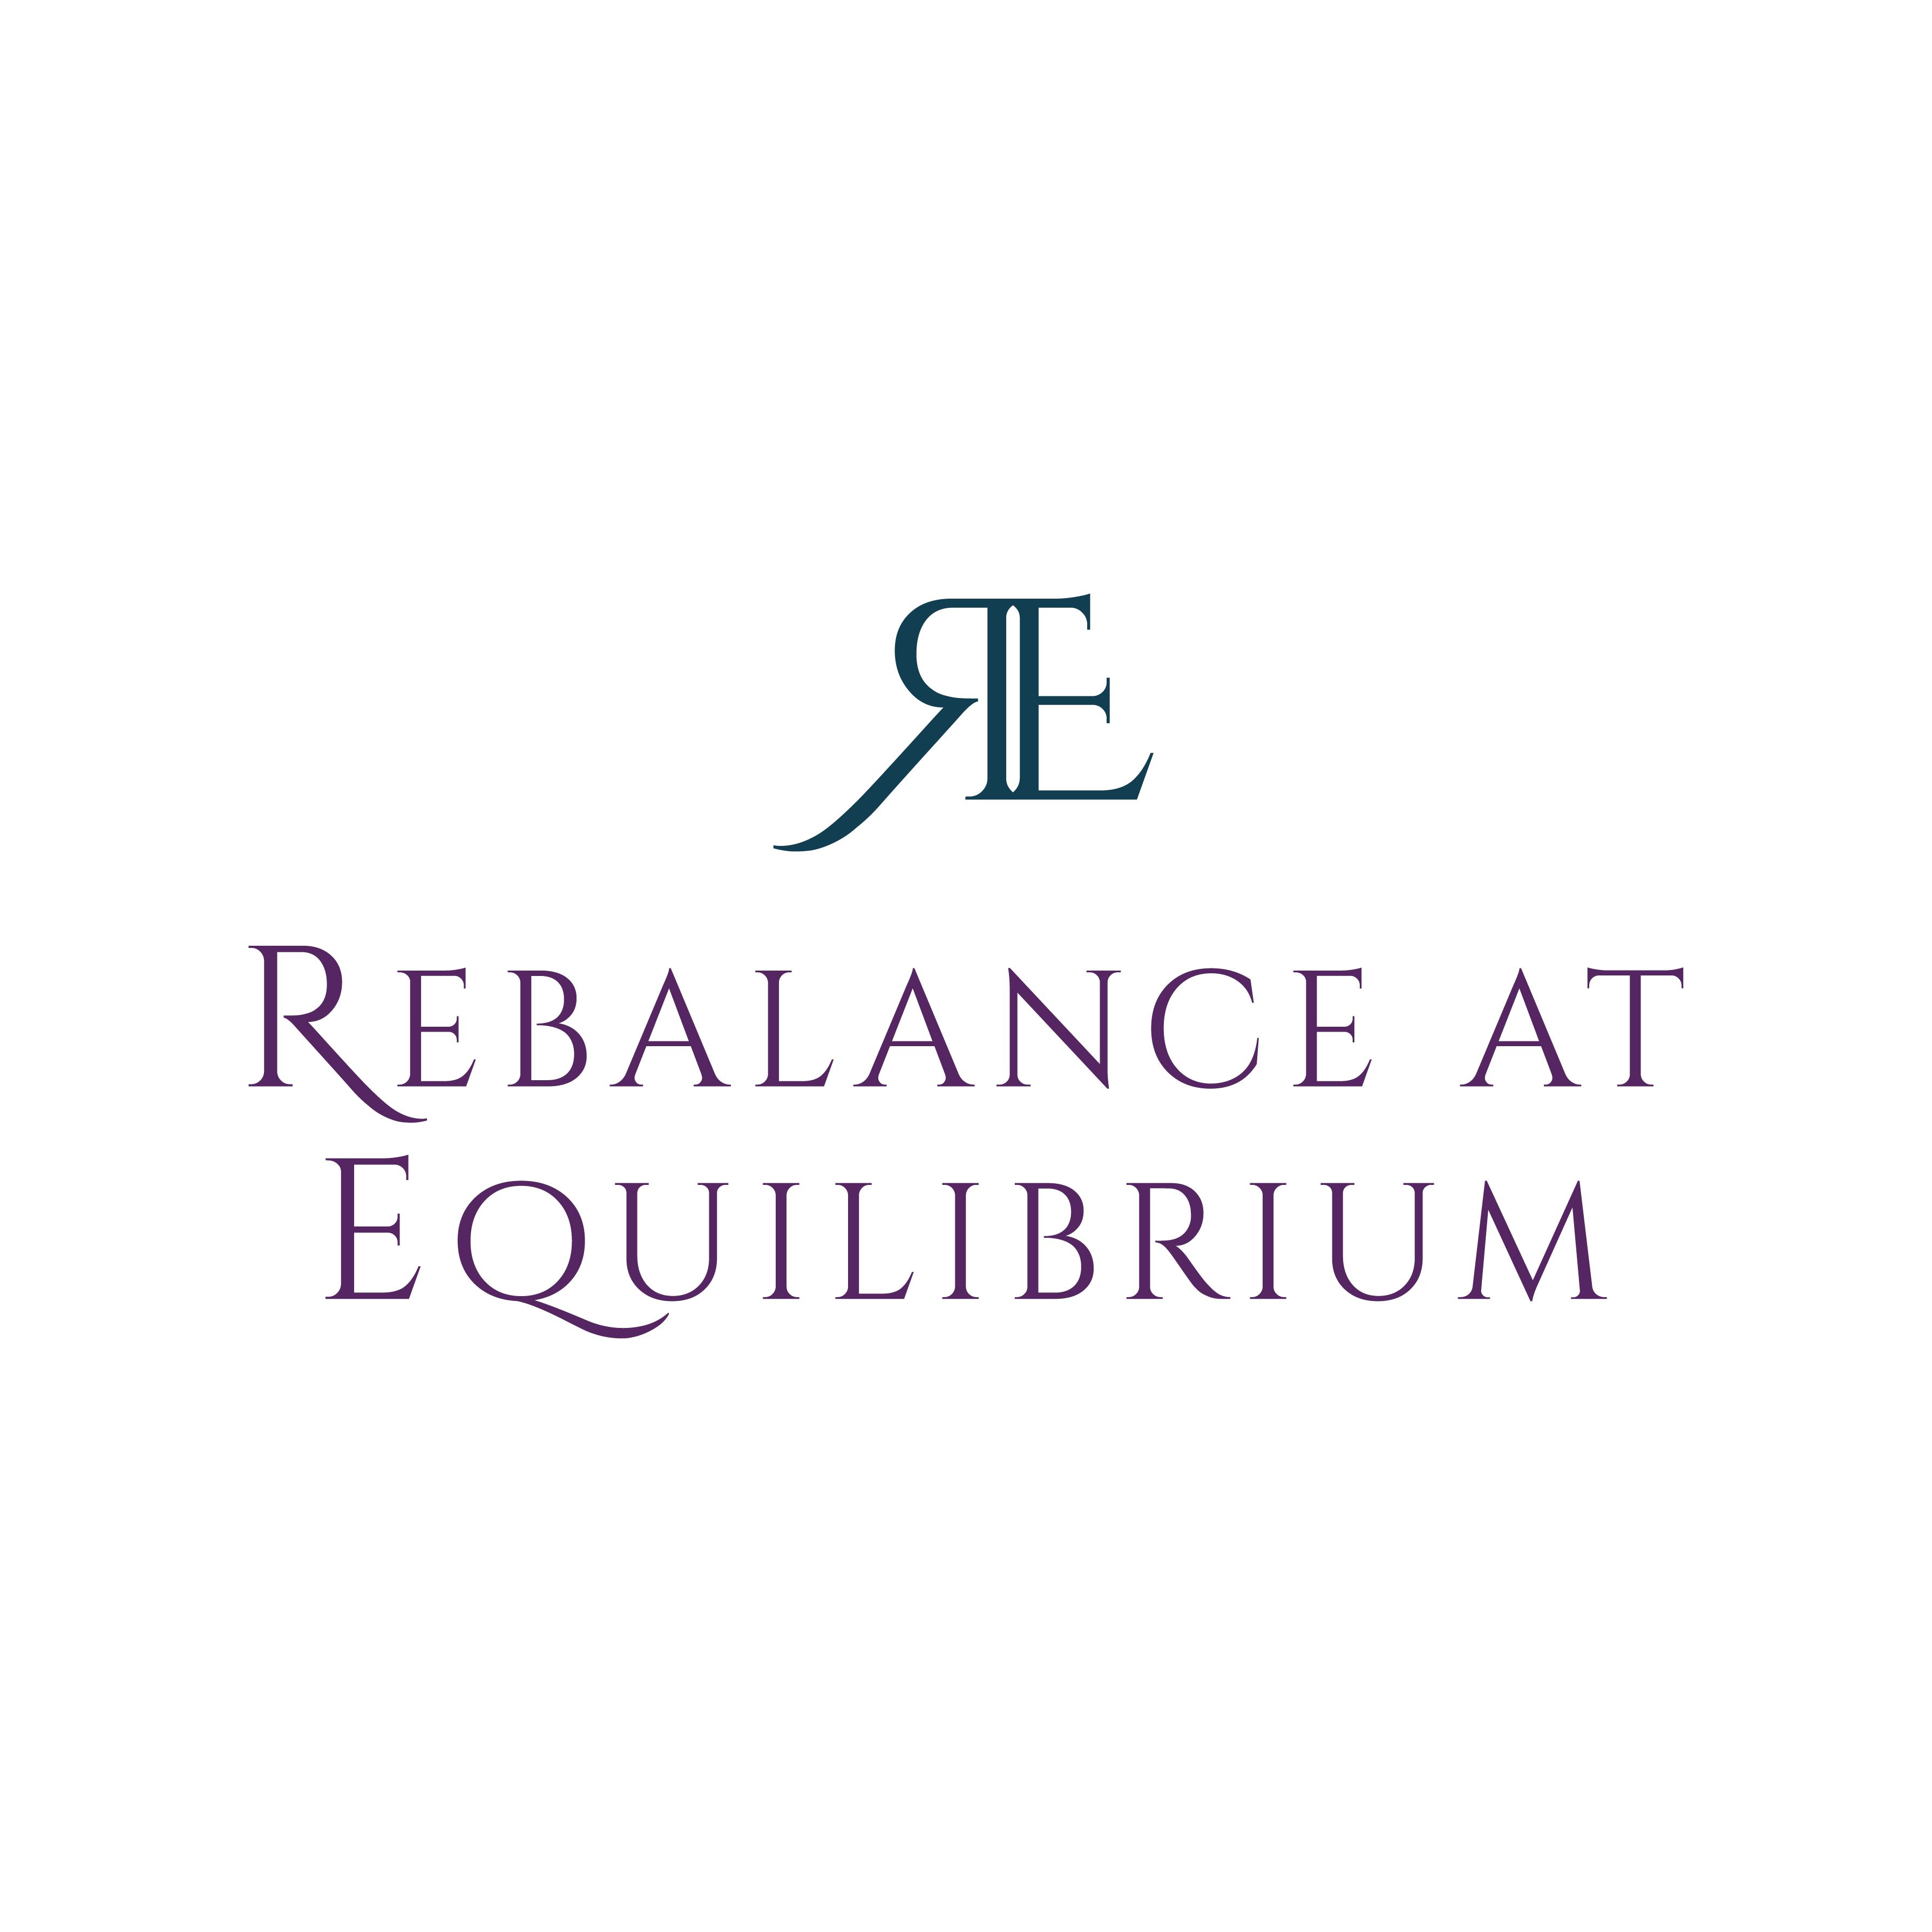 Rebalance at Equilibrium